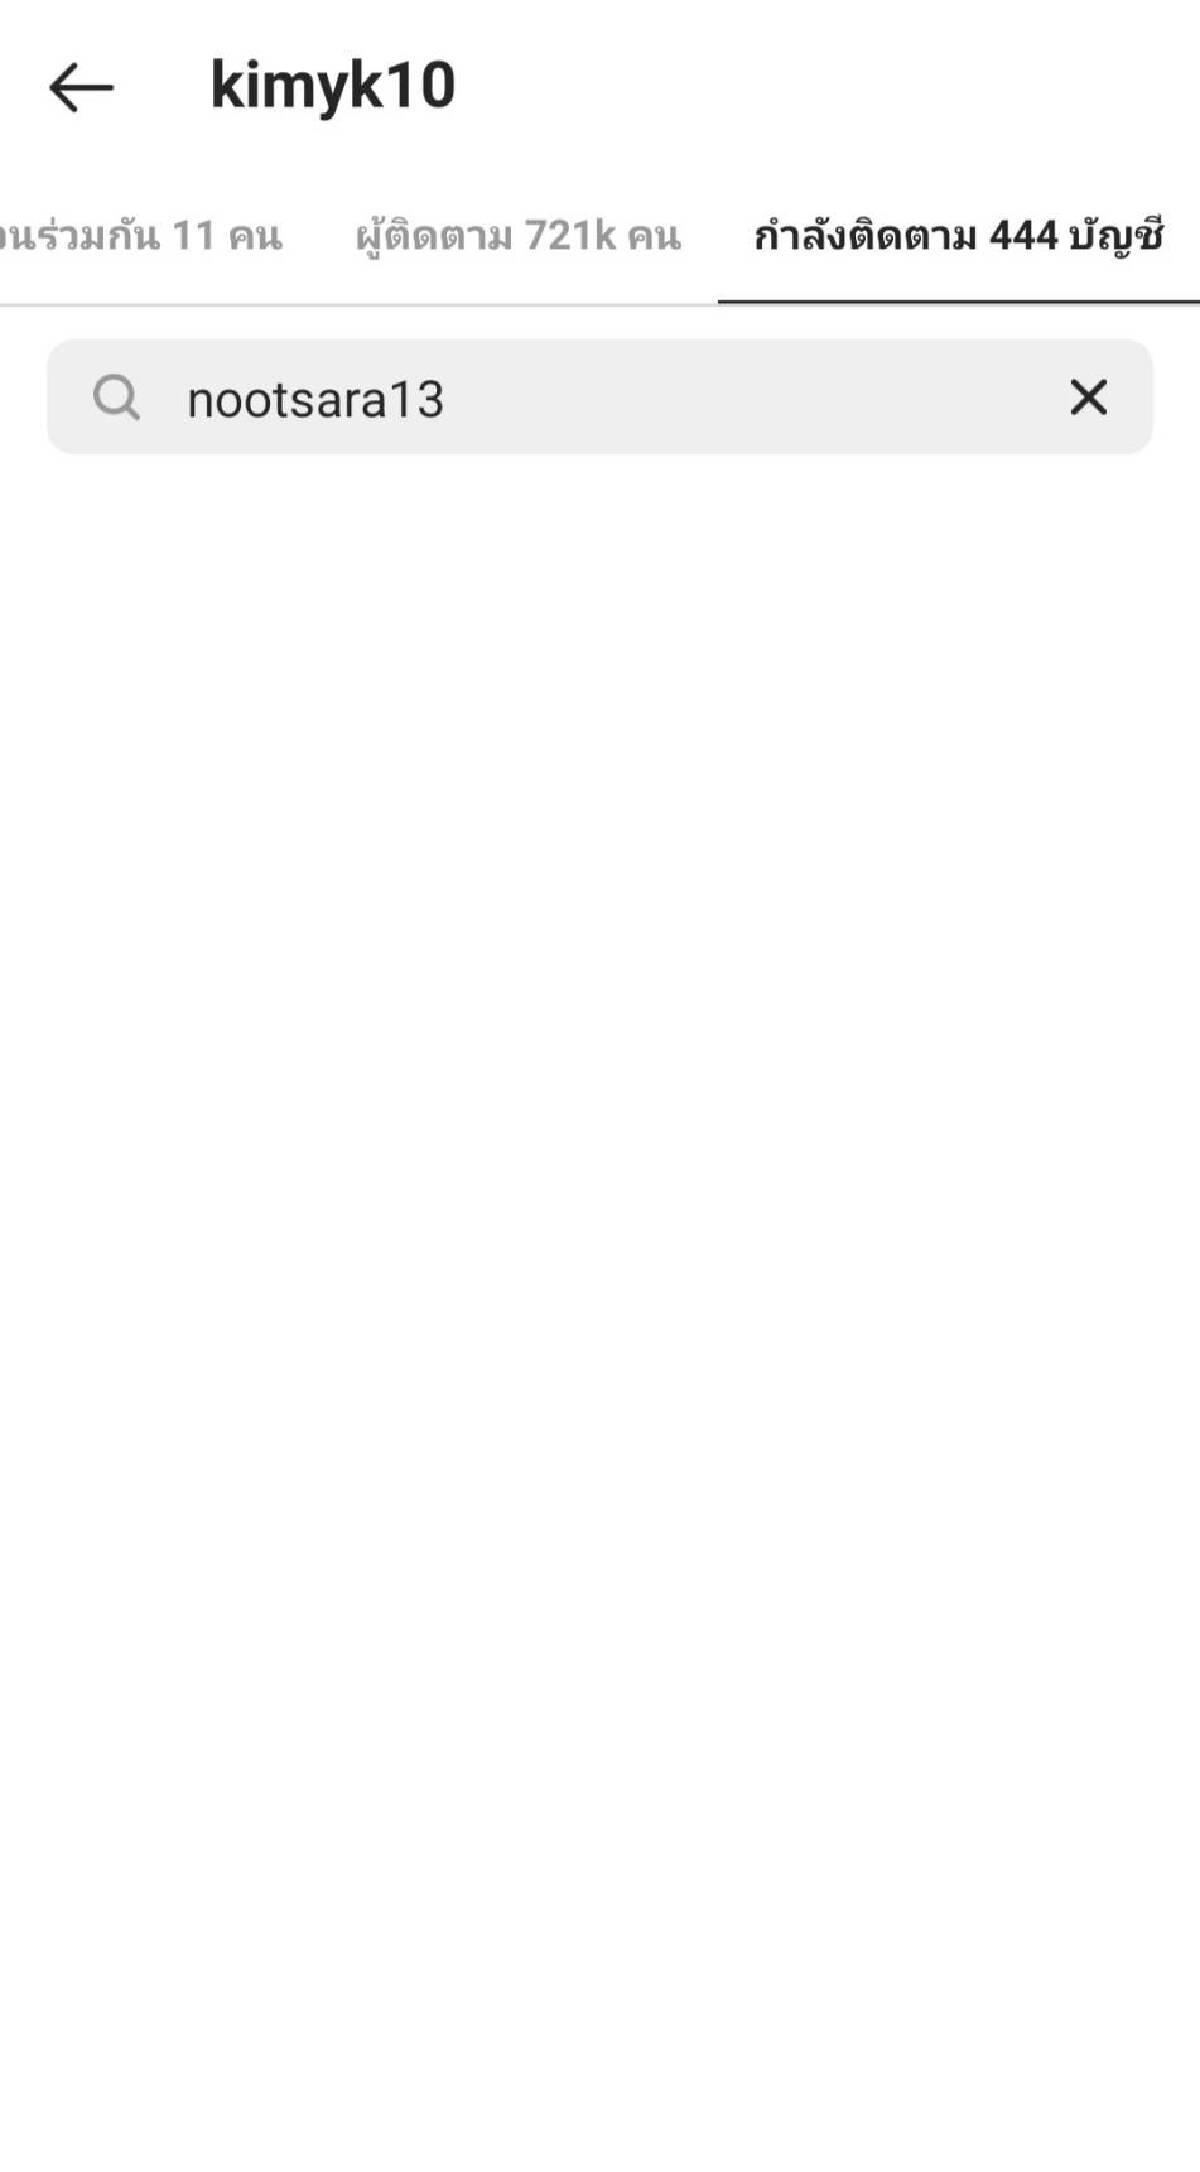 คอมเม้นต์ นุสรา - นาตาเลีย มือหัวเสาบราซิล